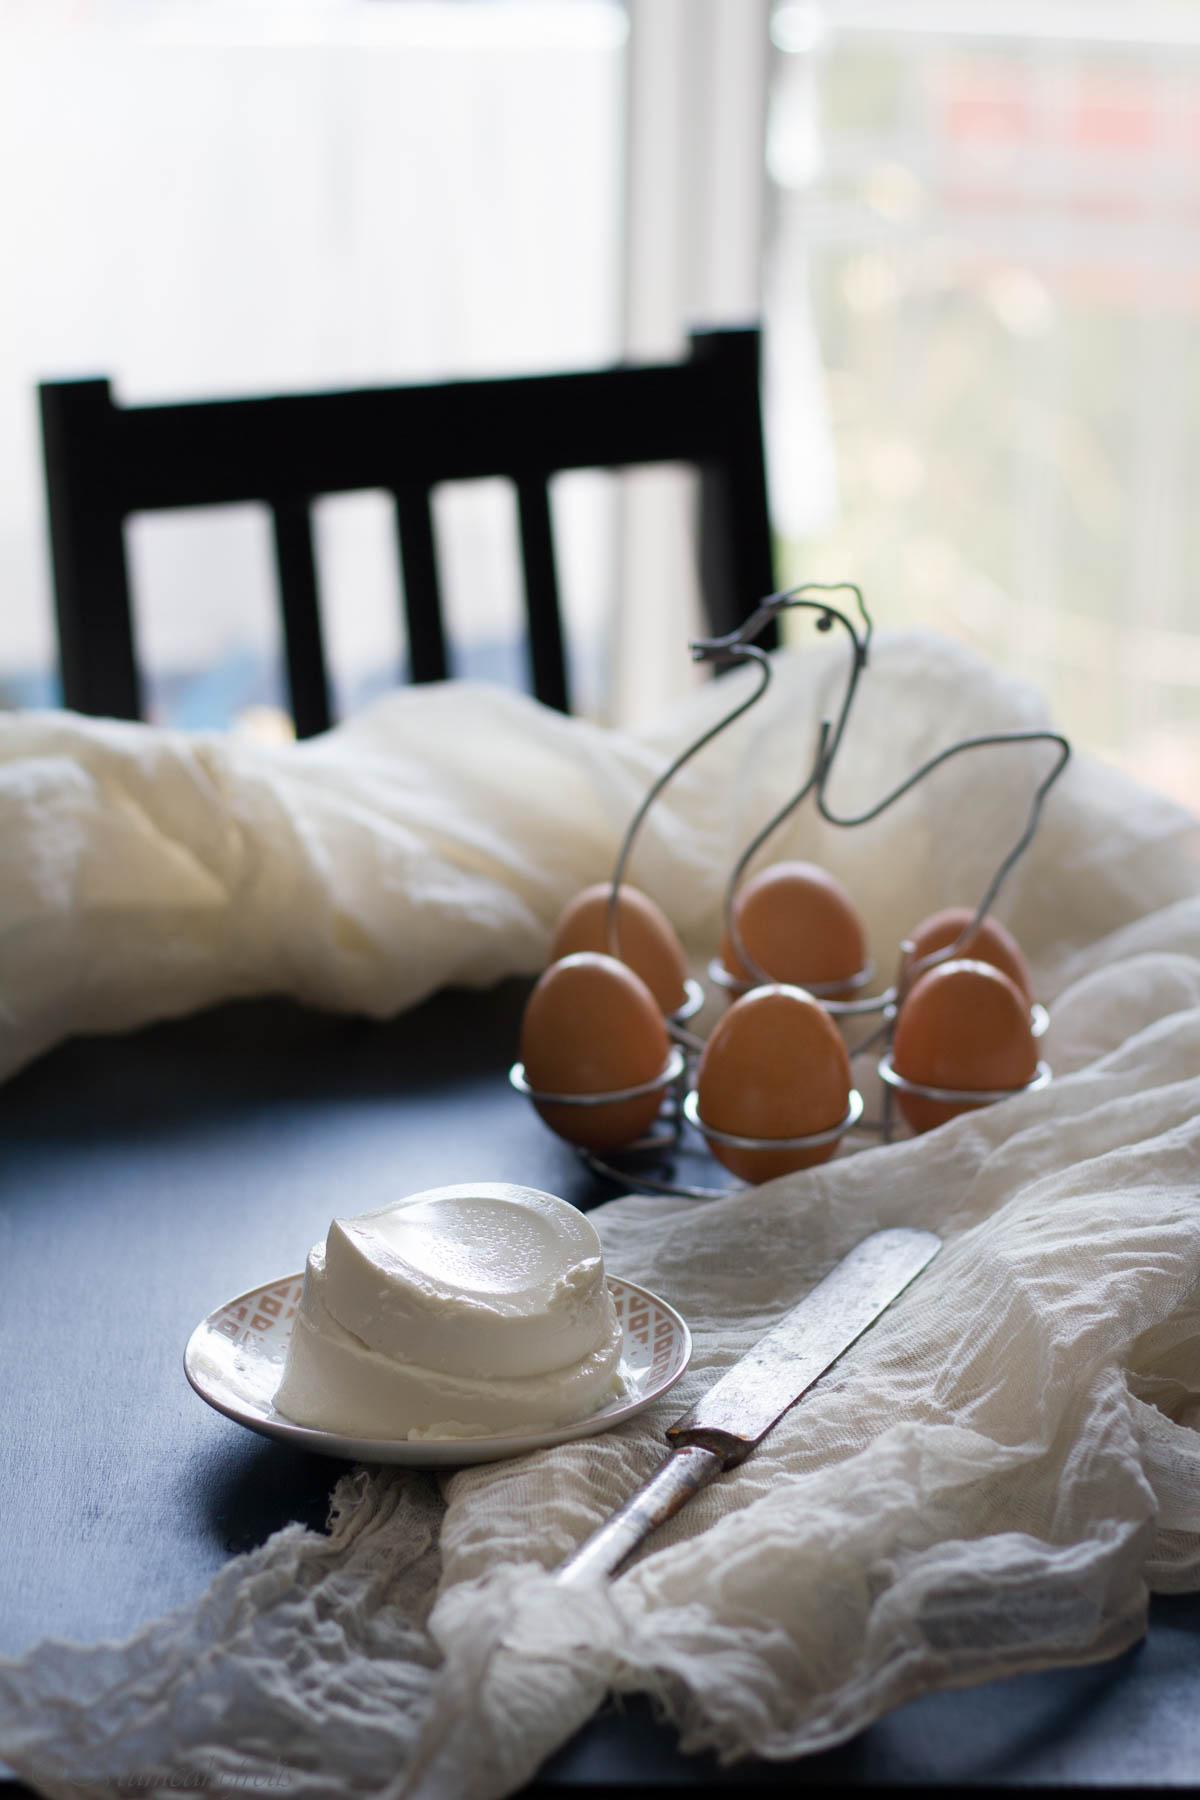 ingredienti per la ciambella ricotta e uova